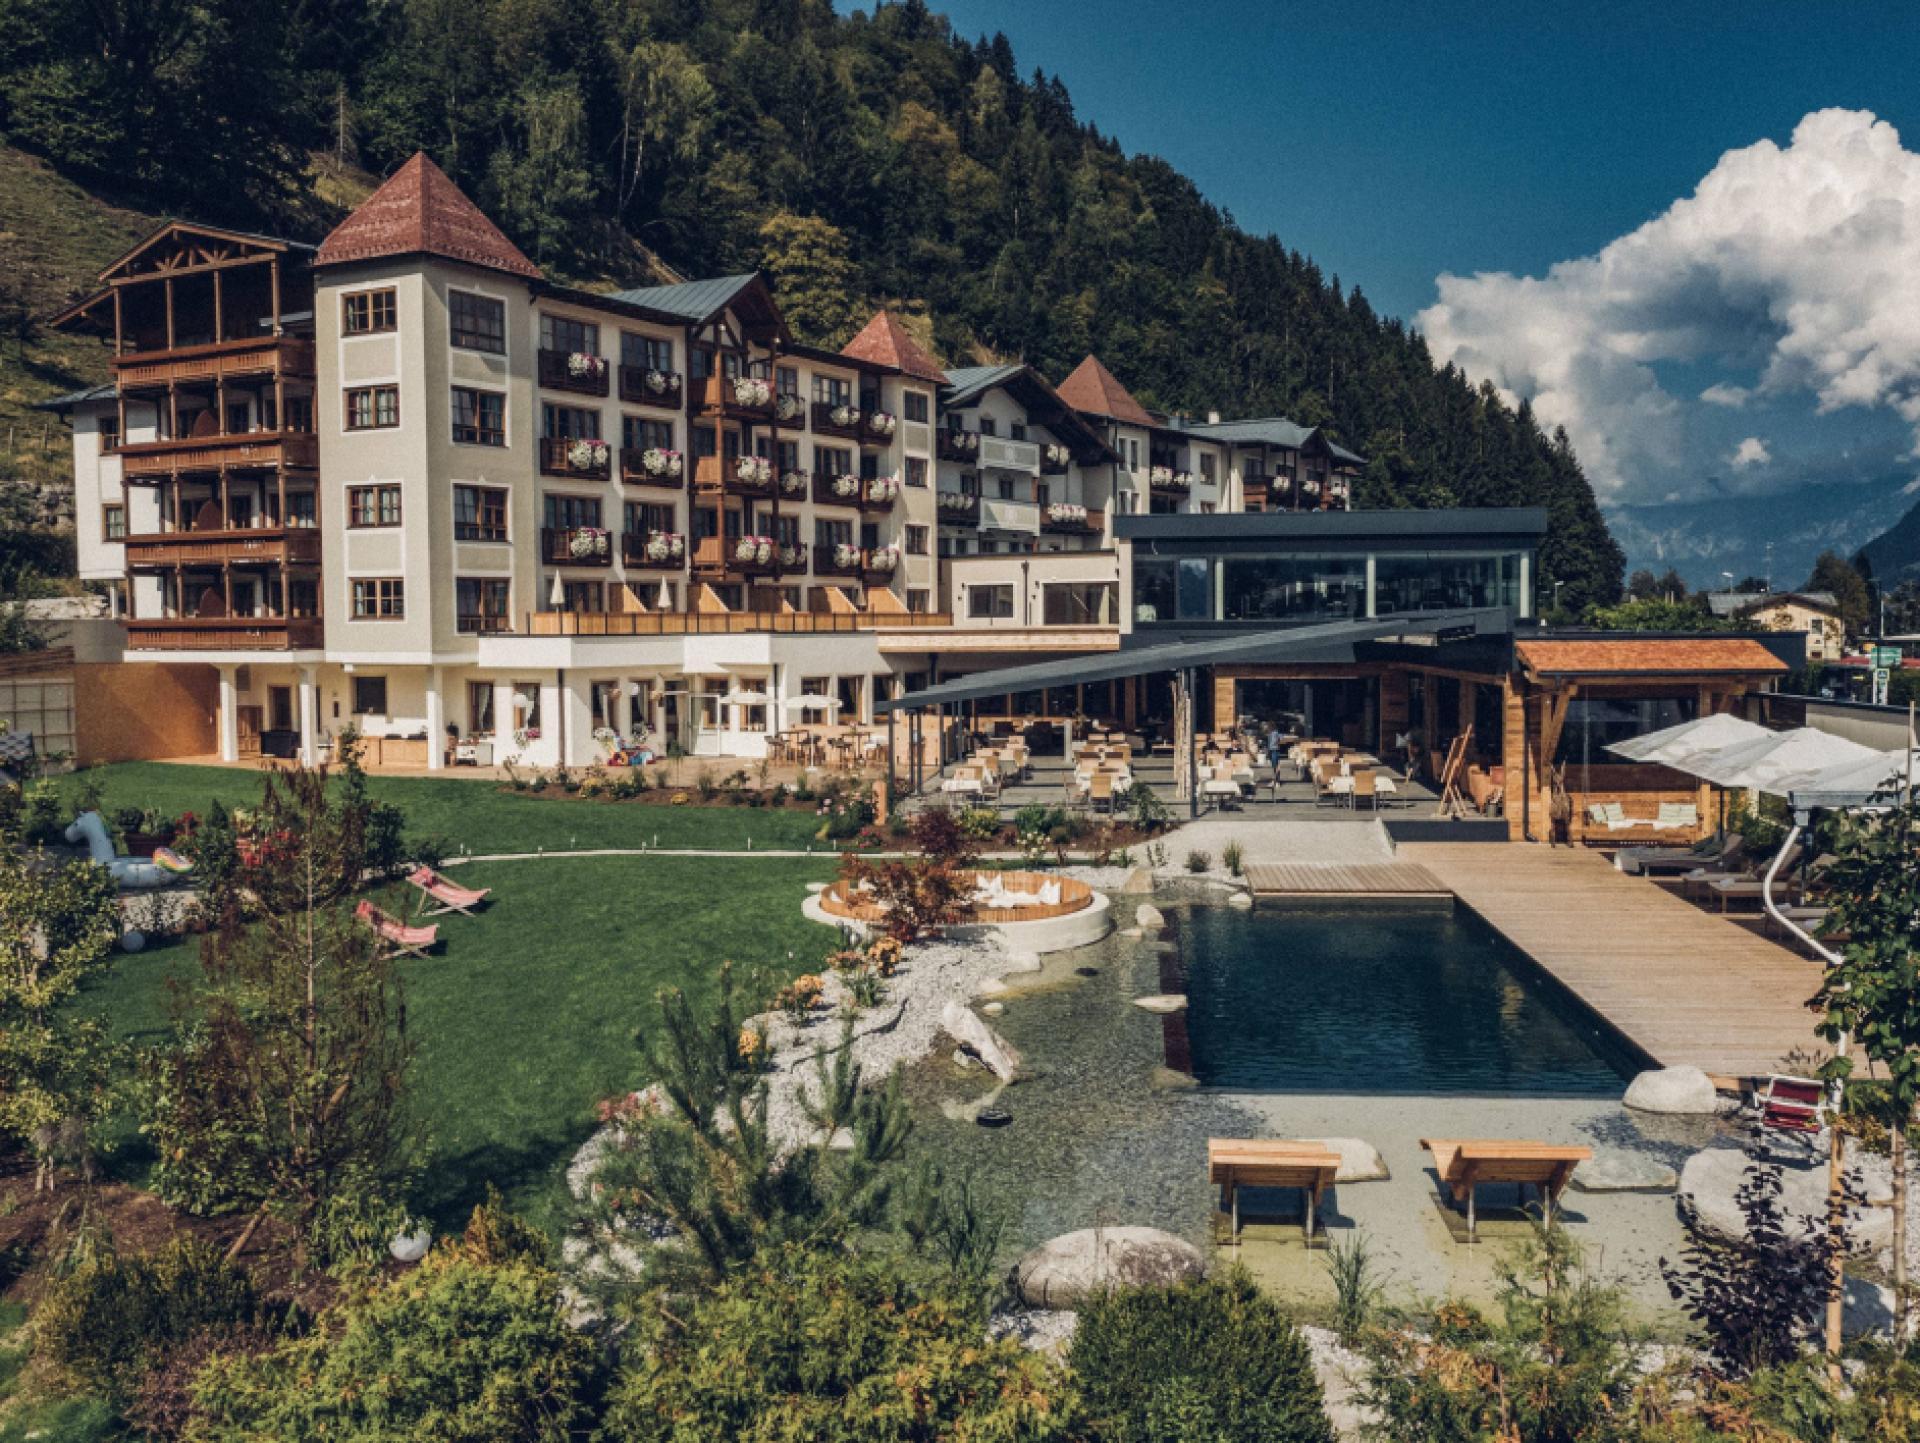 Mood-Image ELIN Referenz: Umbau- und Erweiterungsbau Hotel Alpenblick